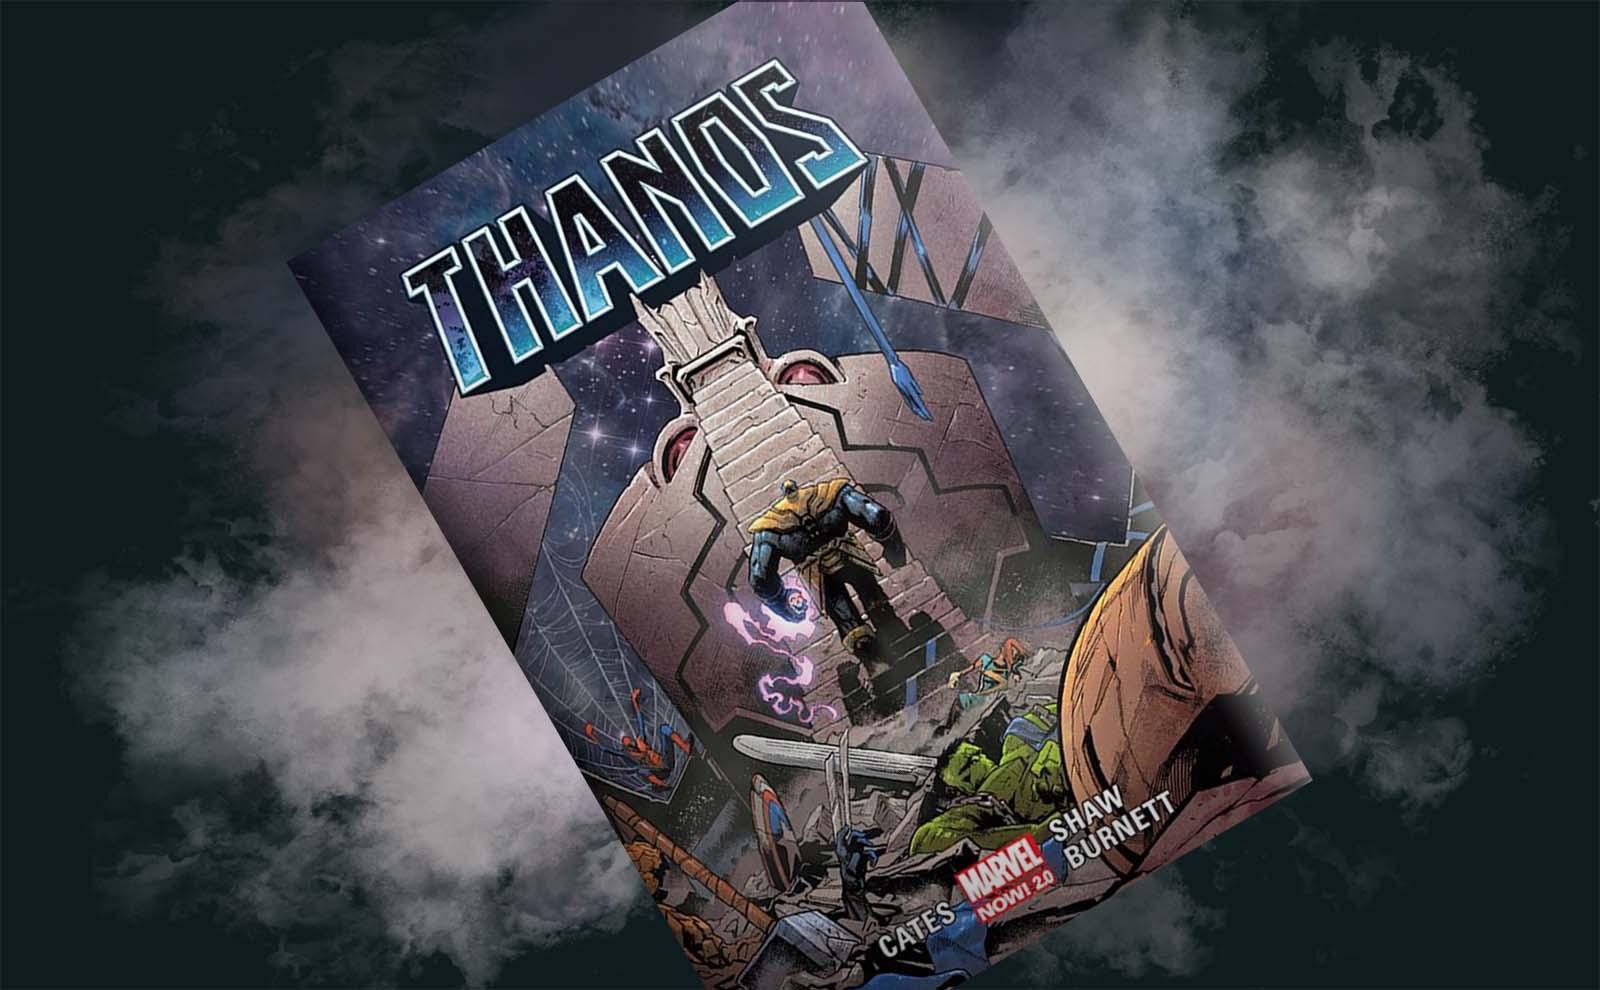 """Nie tylko Tytan jest tu szalony! – recenzja komiksu """"Thanos"""", t. 2"""